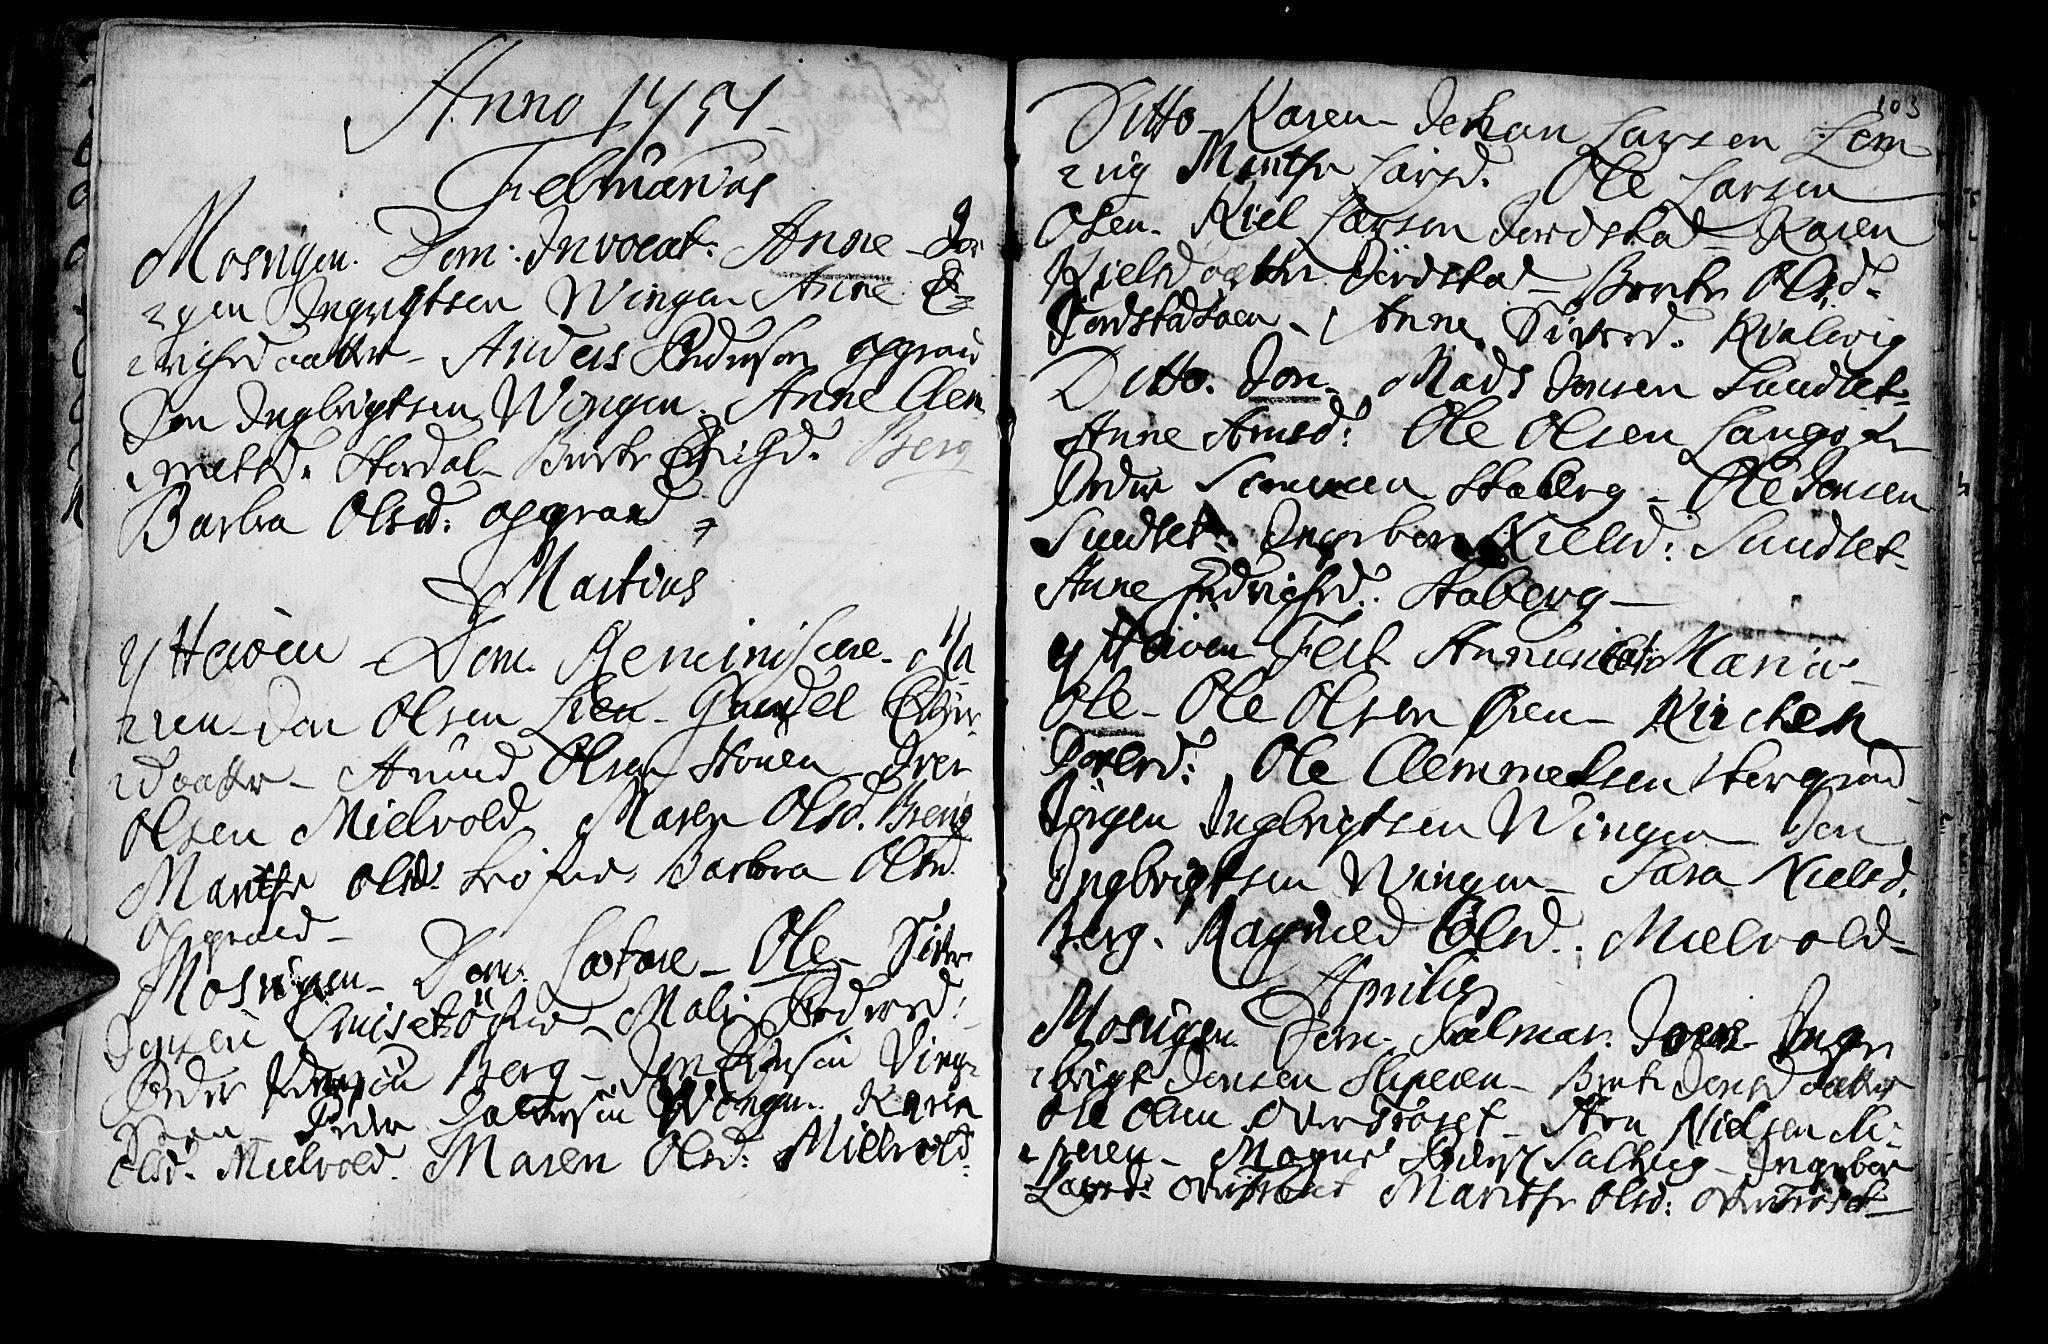 SAT, Ministerialprotokoller, klokkerbøker og fødselsregistre - Nord-Trøndelag, 722/L0215: Ministerialbok nr. 722A02, 1718-1755, s. 103